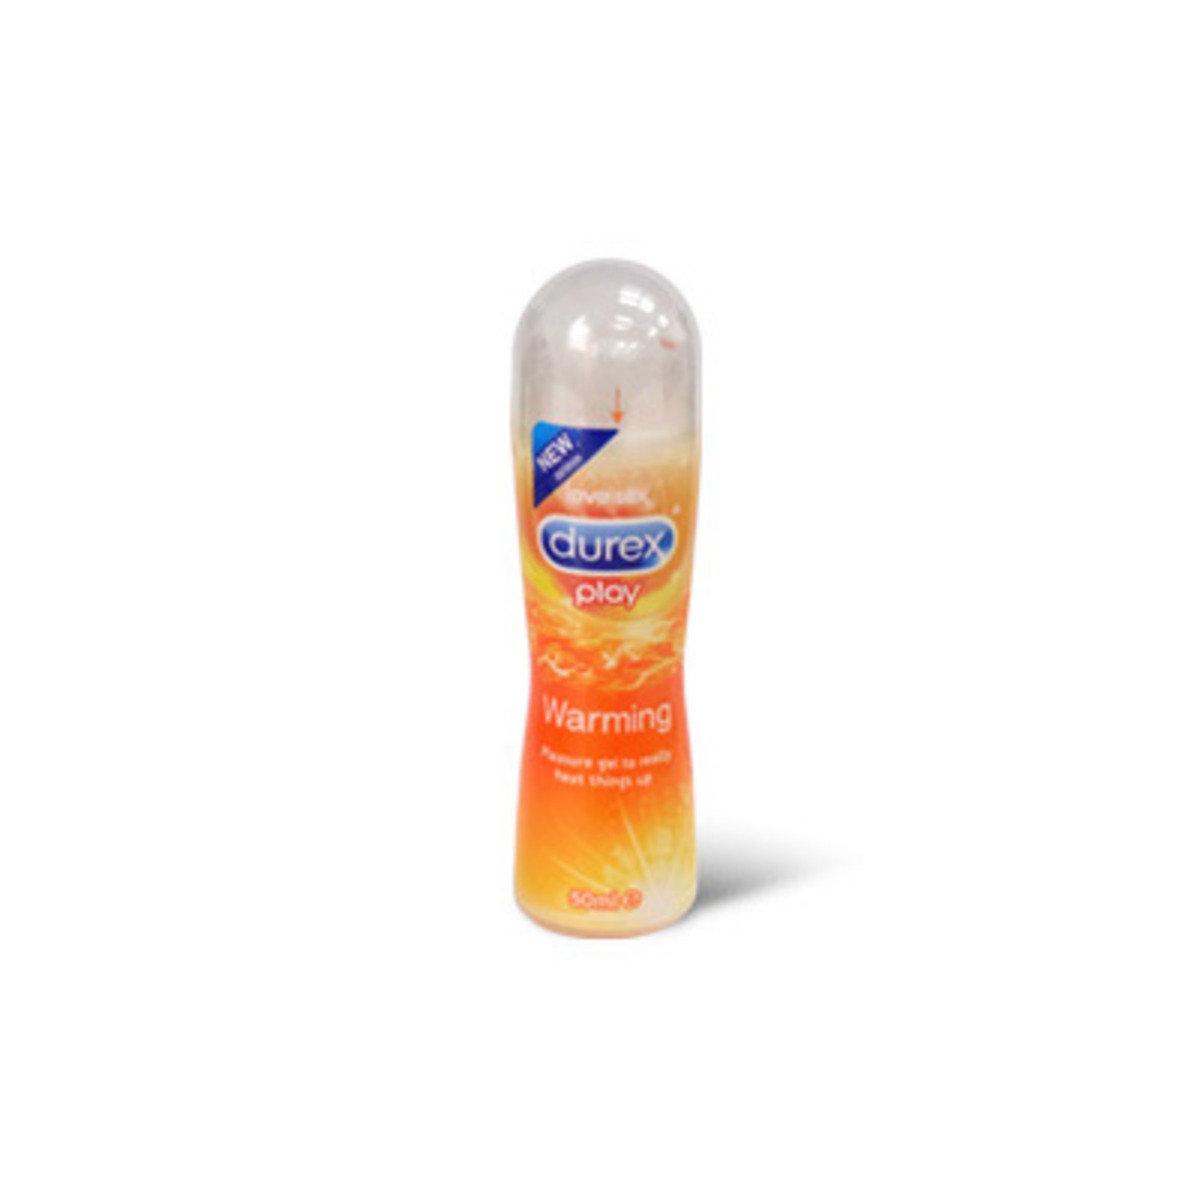 杜蕾斯 Durex Play 熱感潤滑劑 50ml  水性人體潤滑劑